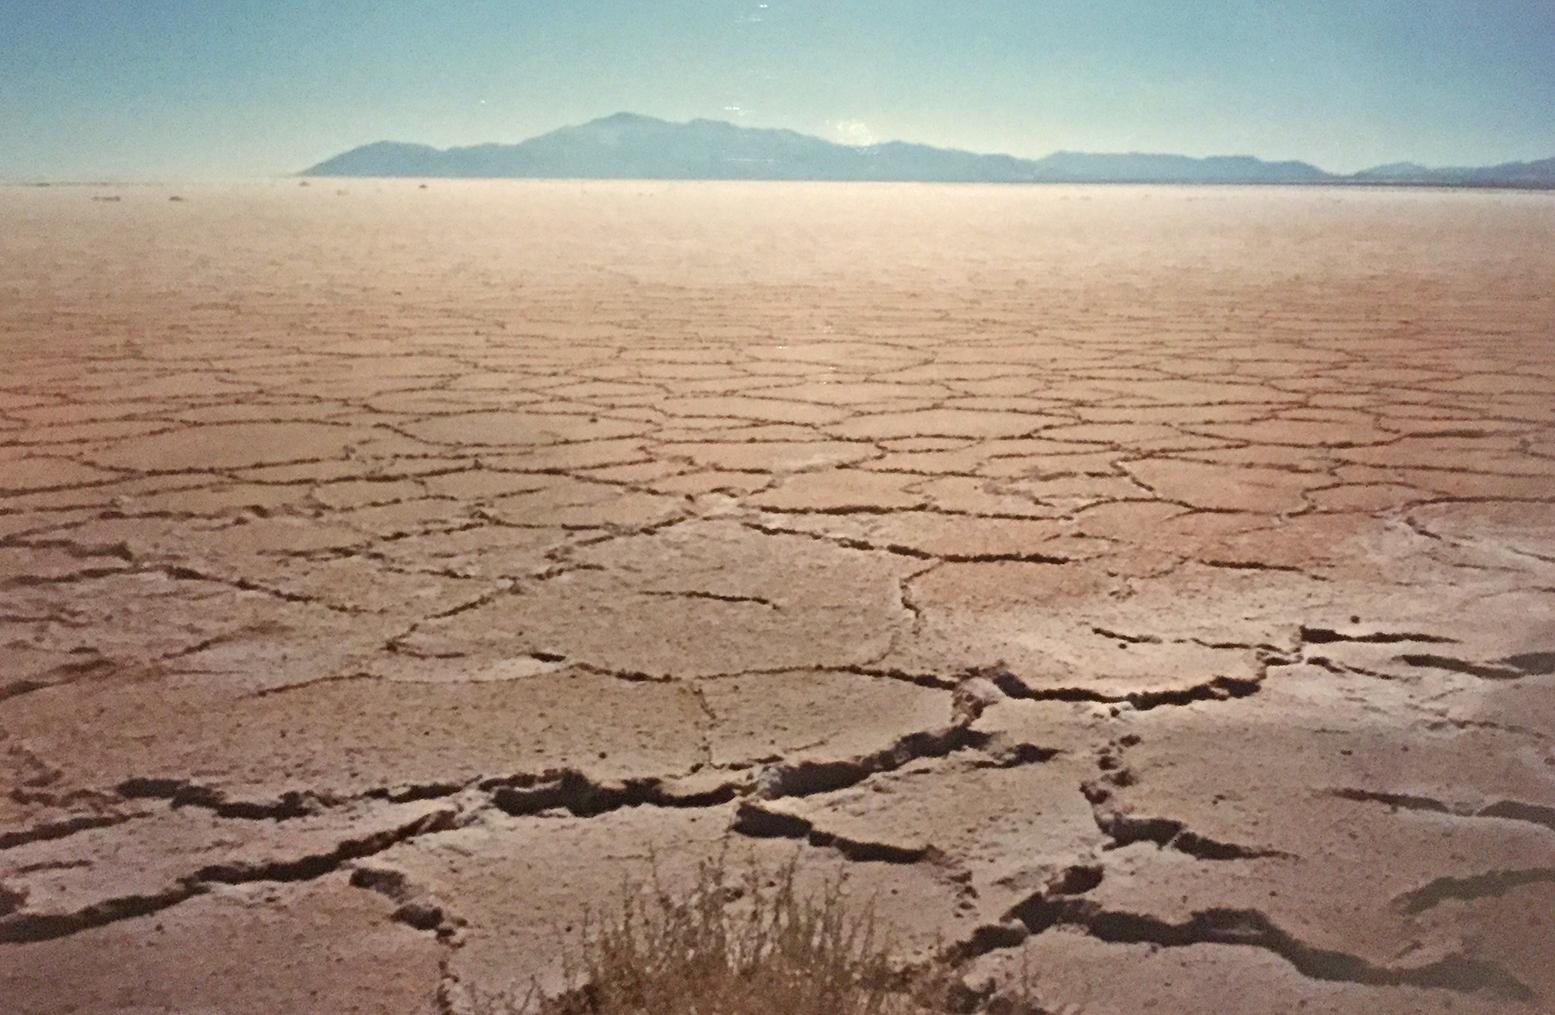 Atacama-ørkenen i Argentina